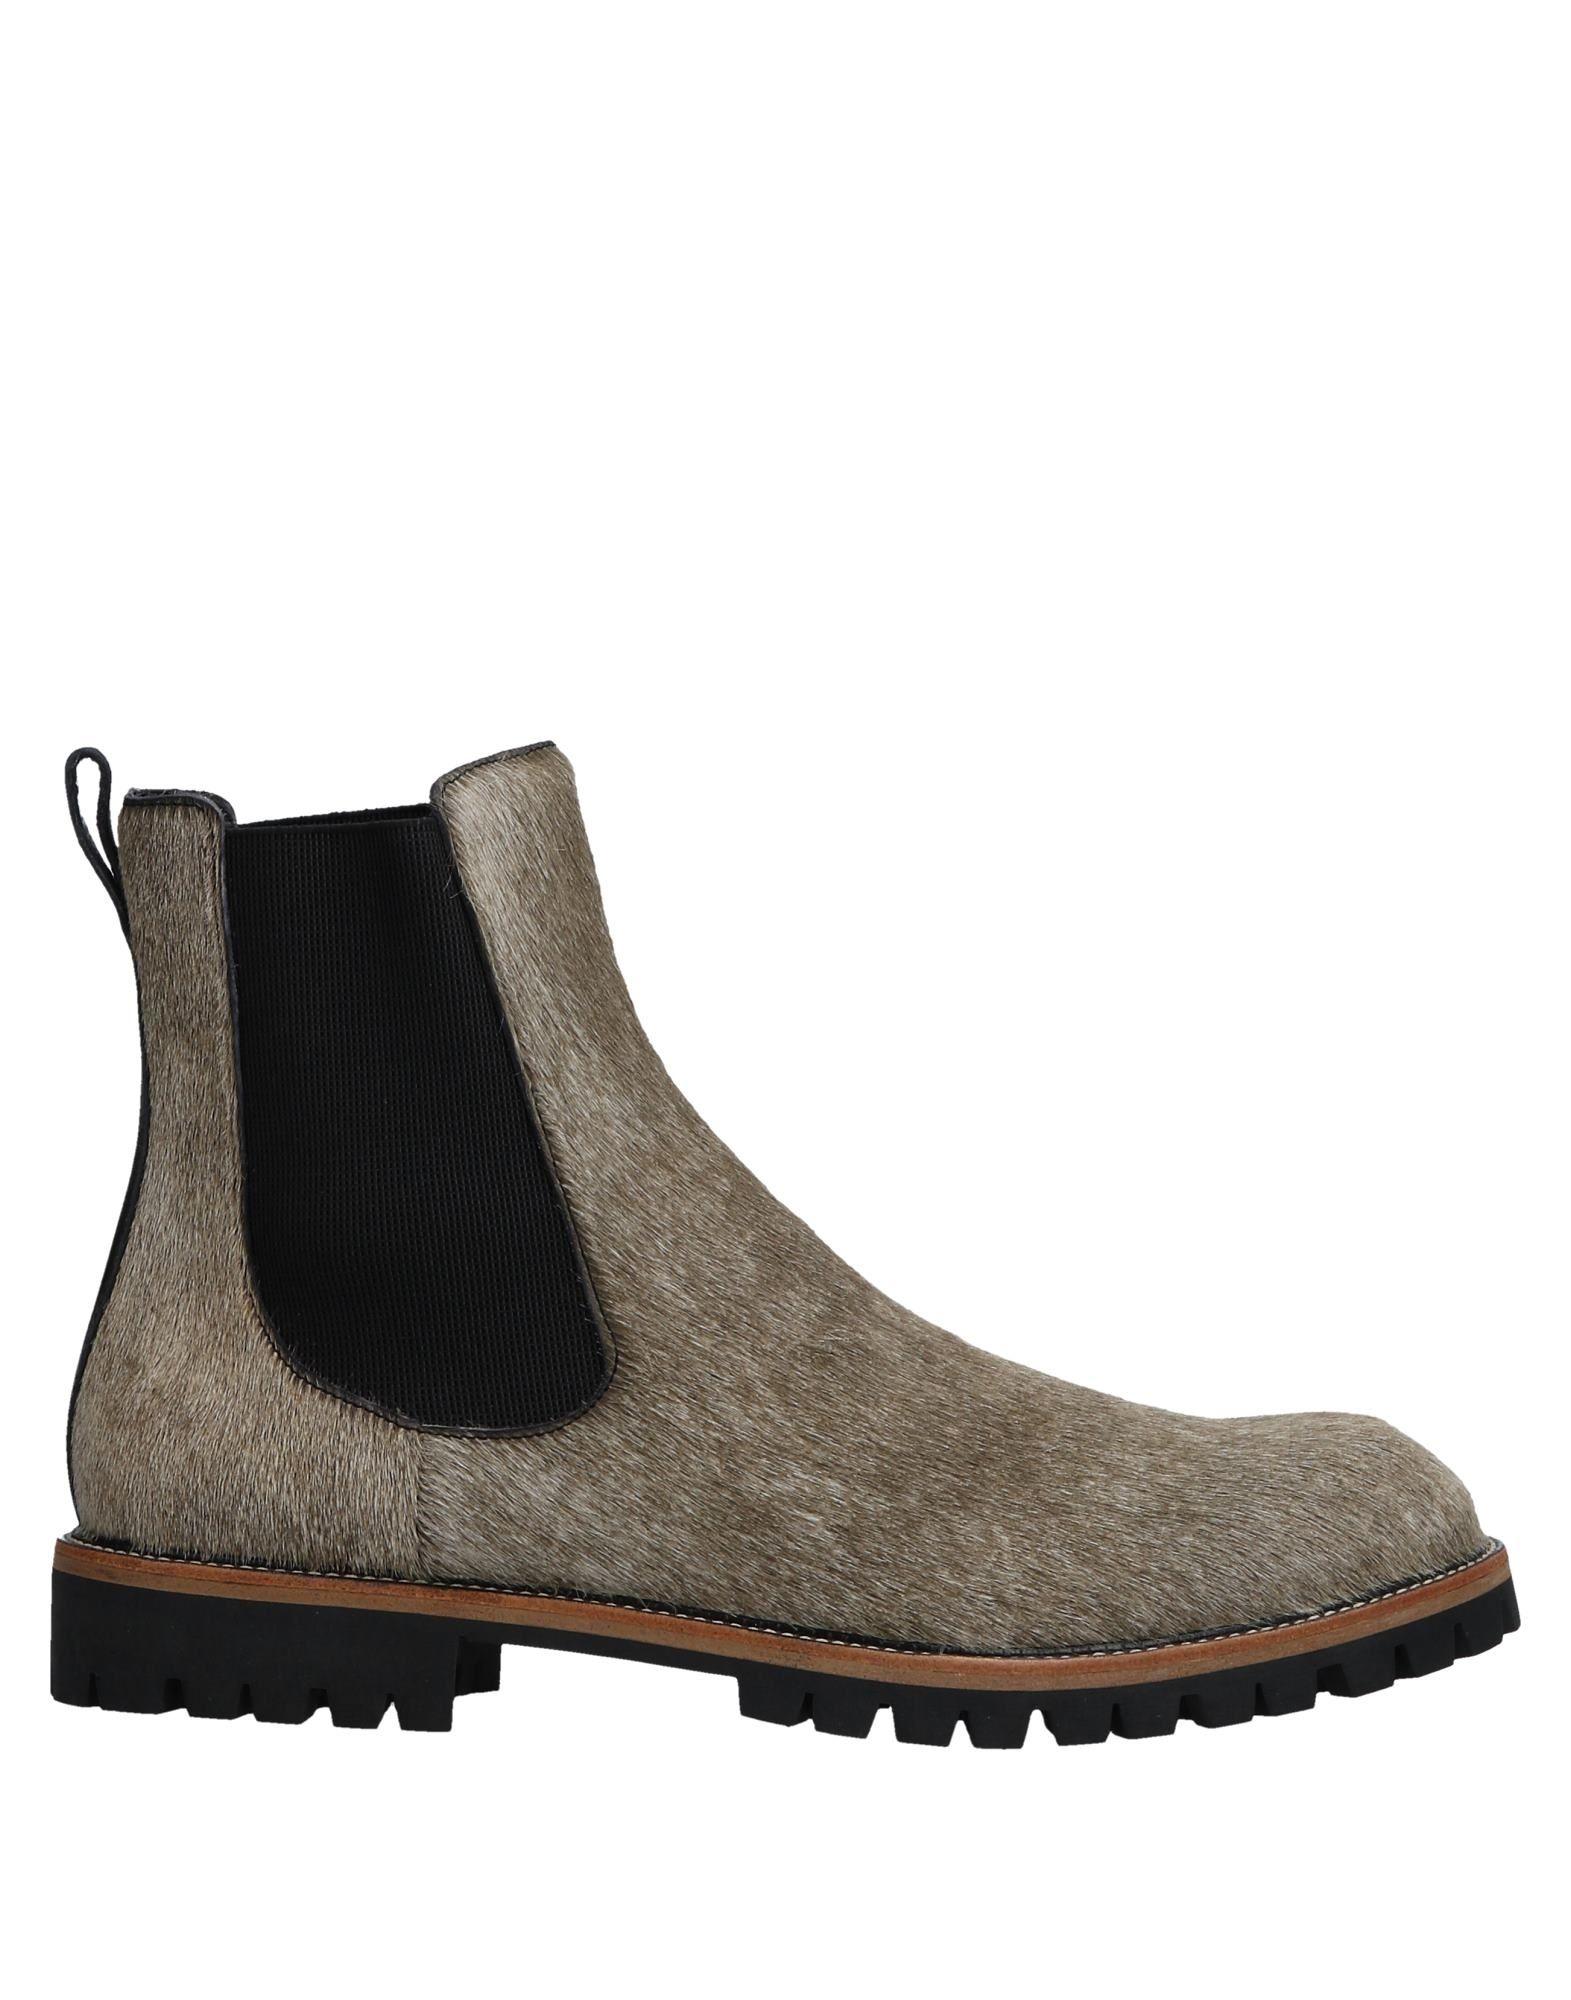 Dries Van Noten Stiefelette Herren  11529041OR Gute Qualität beliebte Schuhe